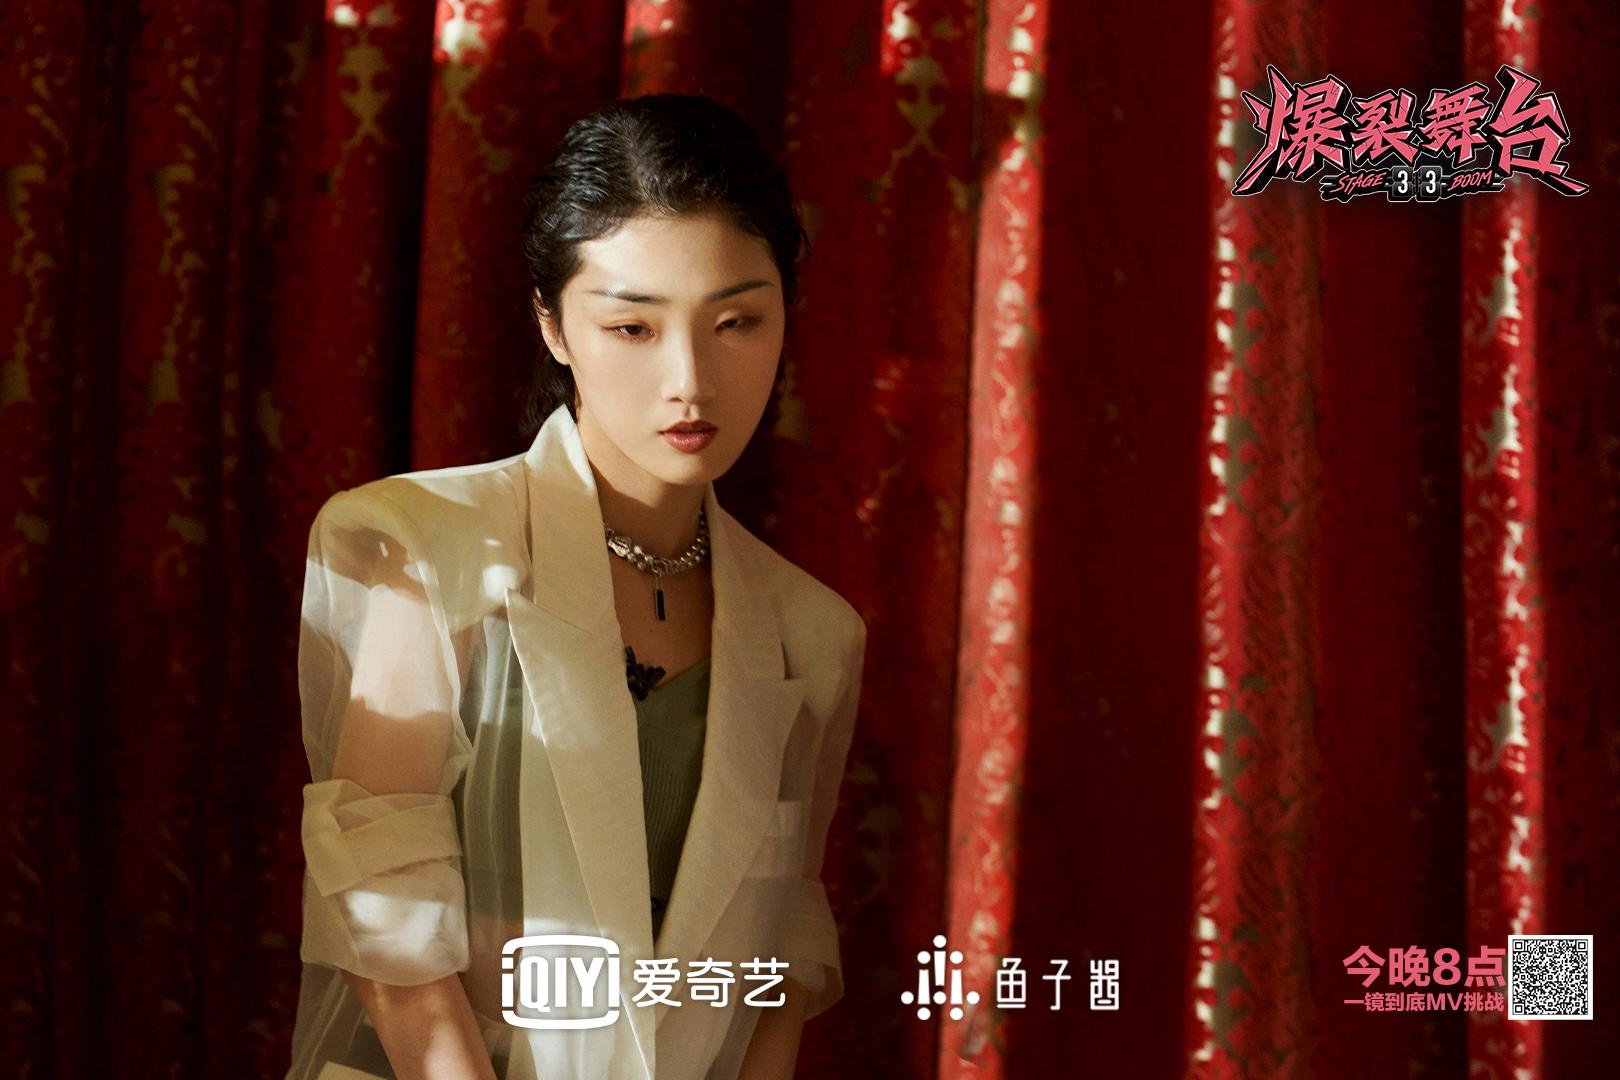 Yamy郭颖:合作二手玫瑰,没想到梁龙老师舞蹈比我学得还快